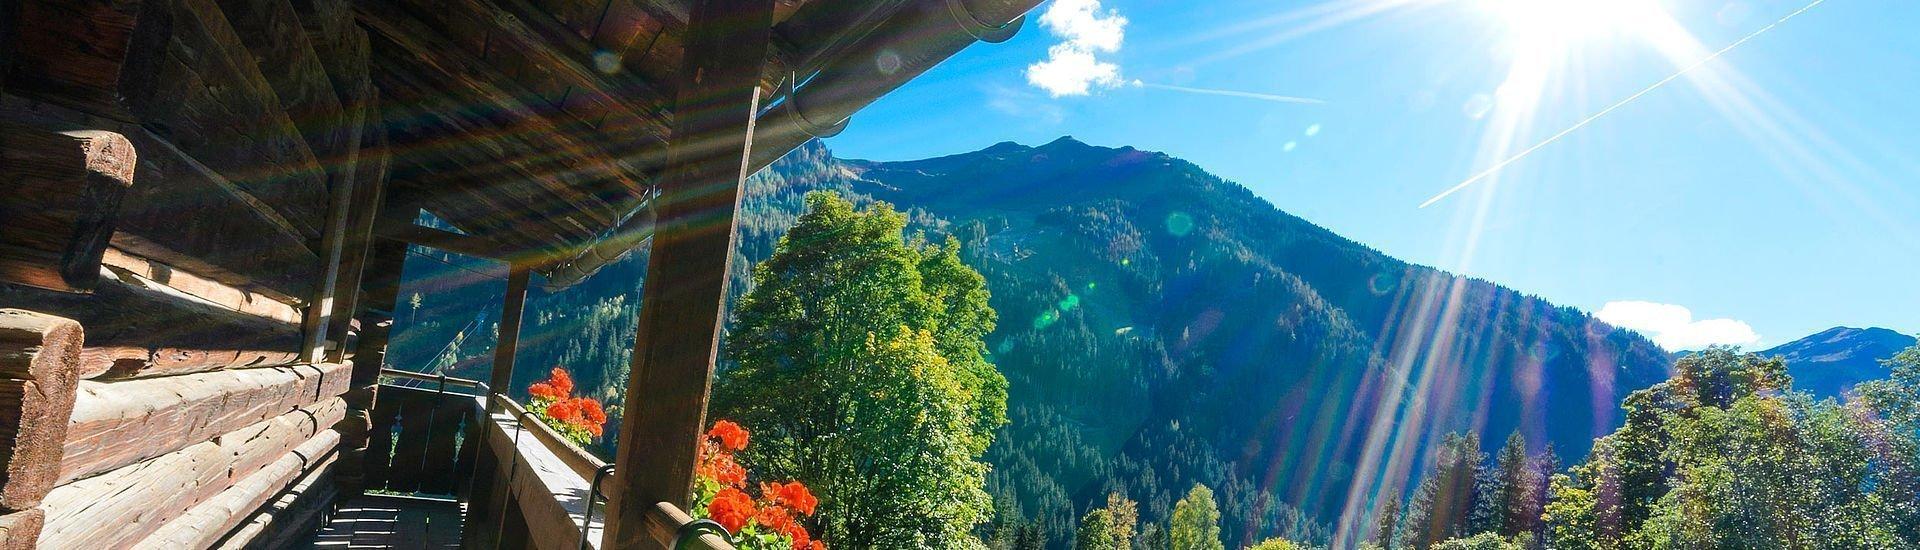 Balkon auf der Hütte | Saalbach Hinterglemm